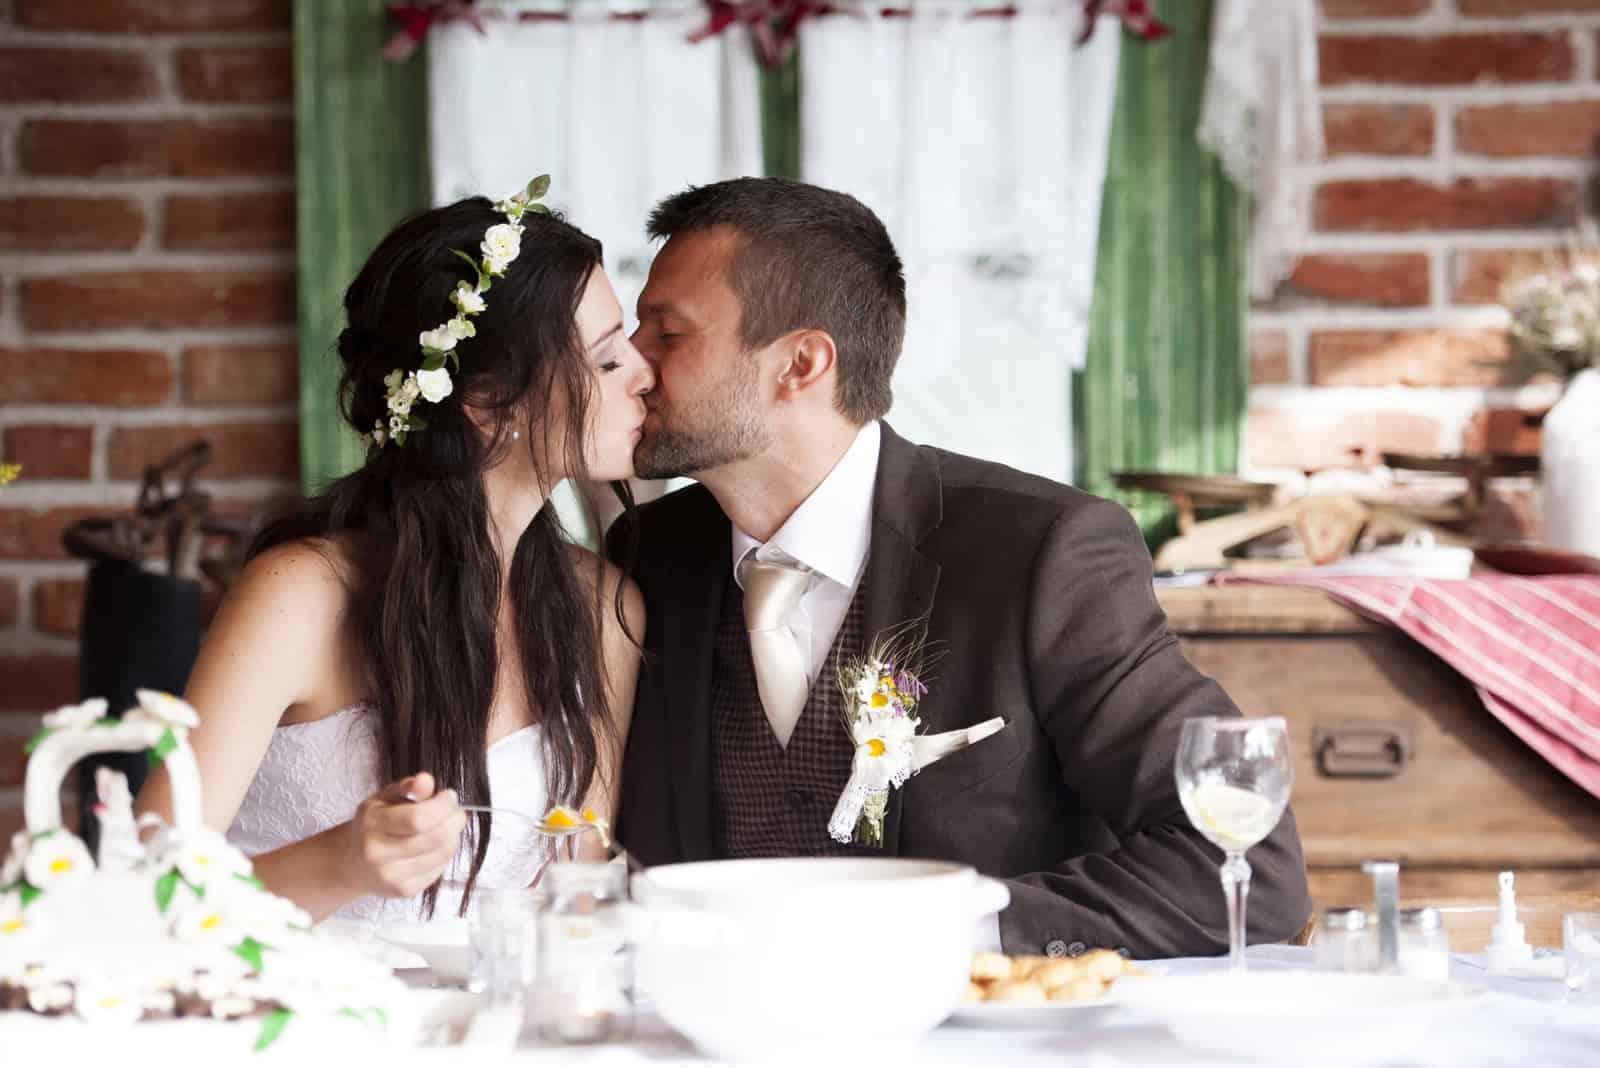 Braut und Bräutigam essen auf der Hochzeitsfeier